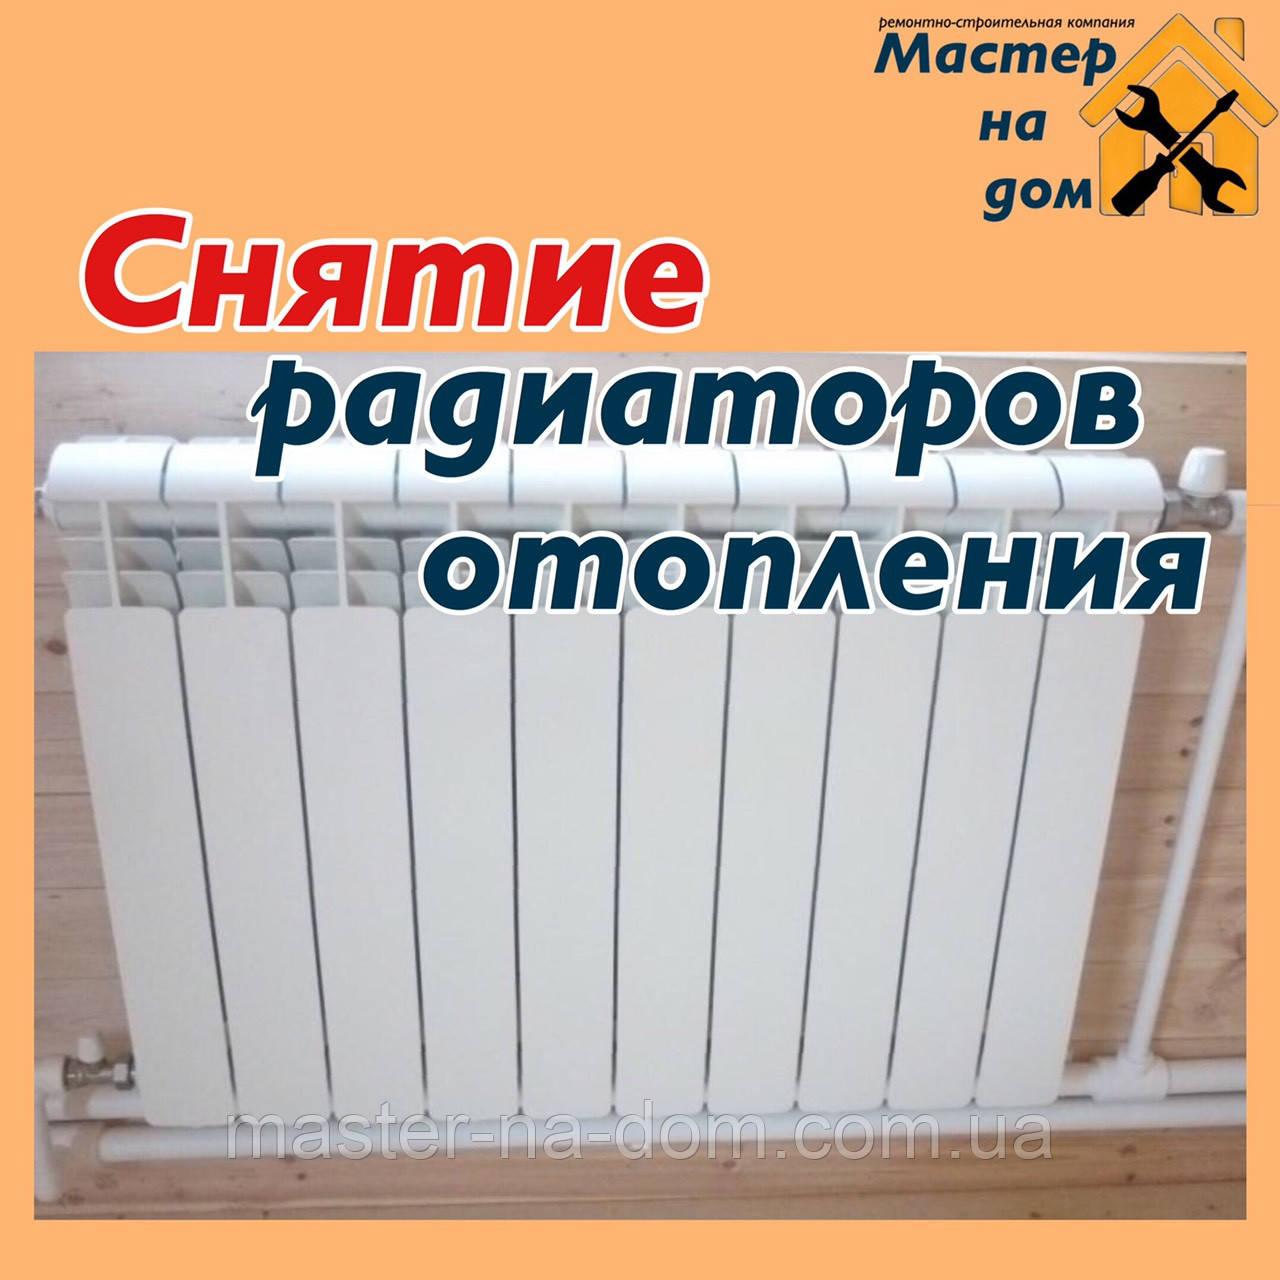 Снятие радиаторов отопления в Николаеве